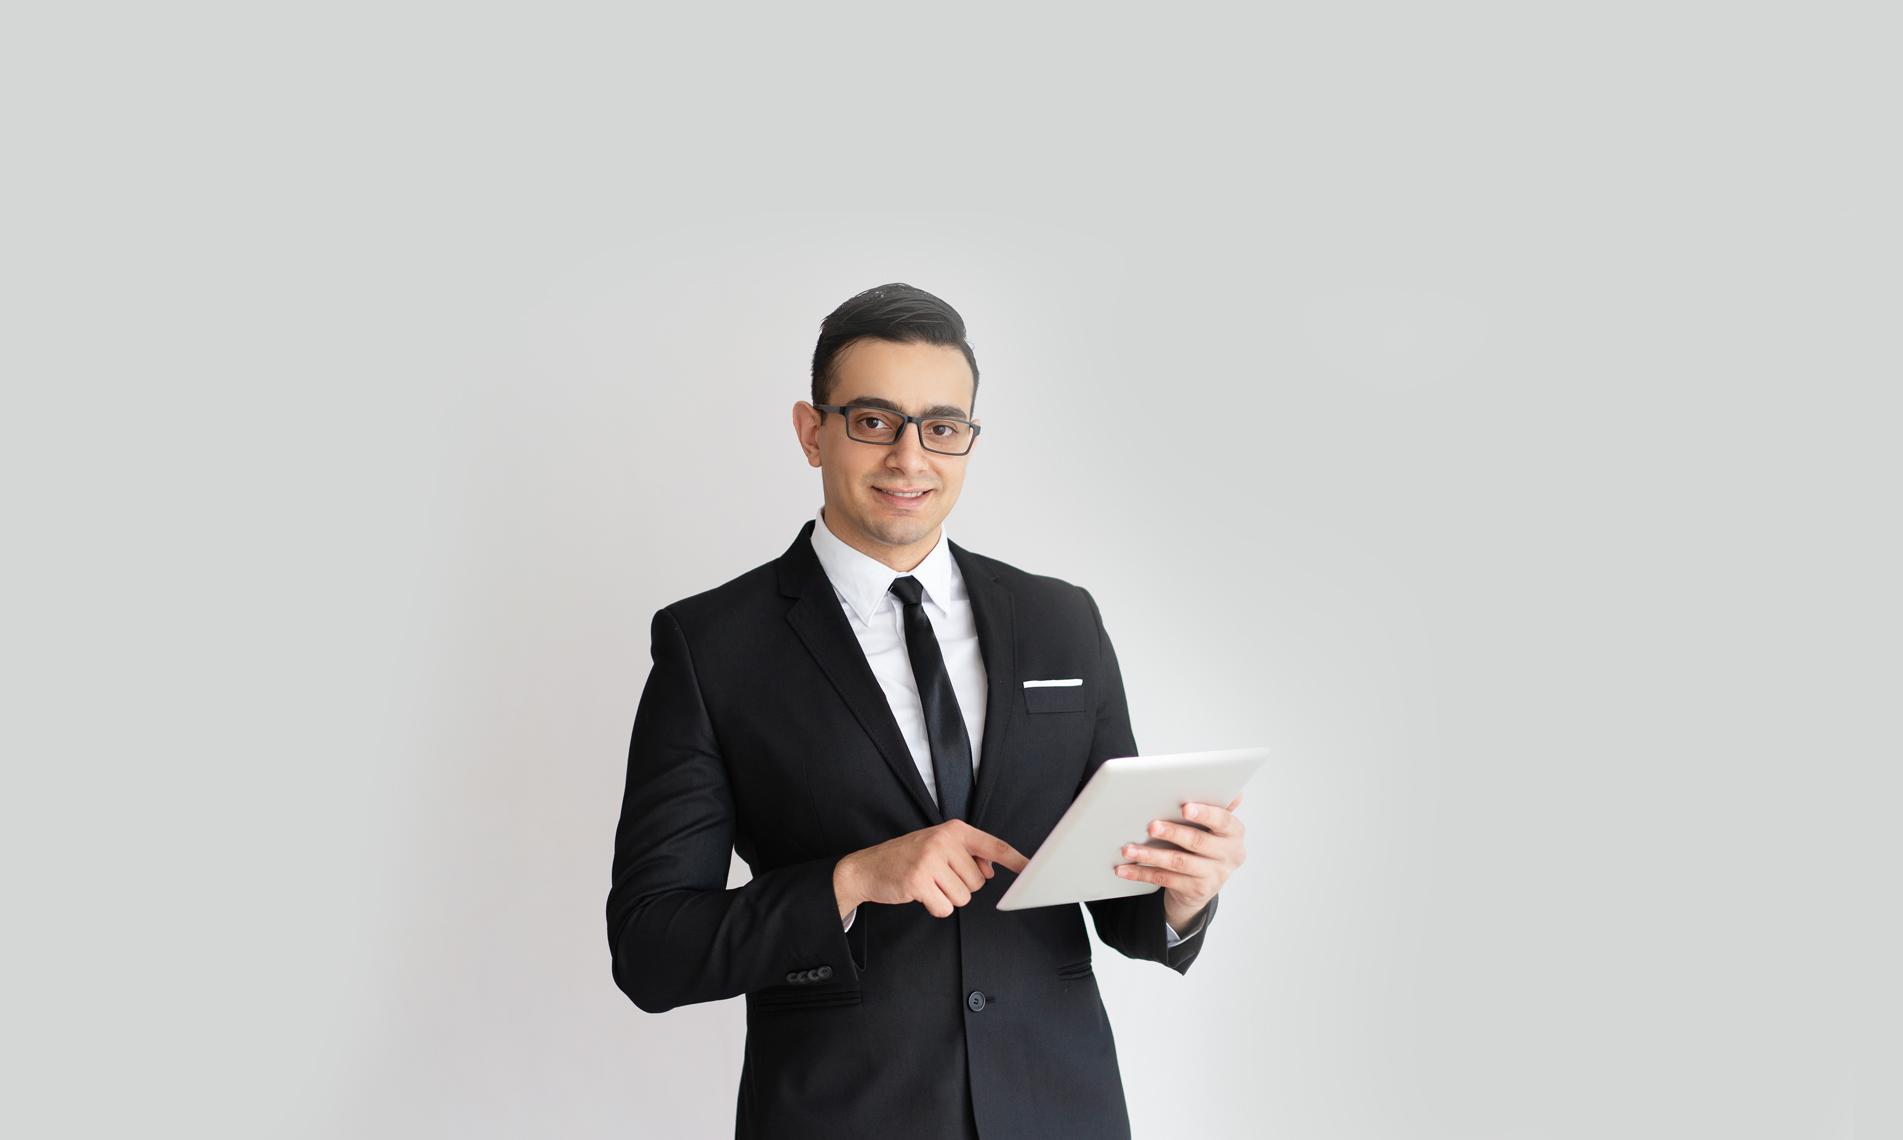 Başarılı Bir Şirket Olmanın ve Yönetmenin Sırları